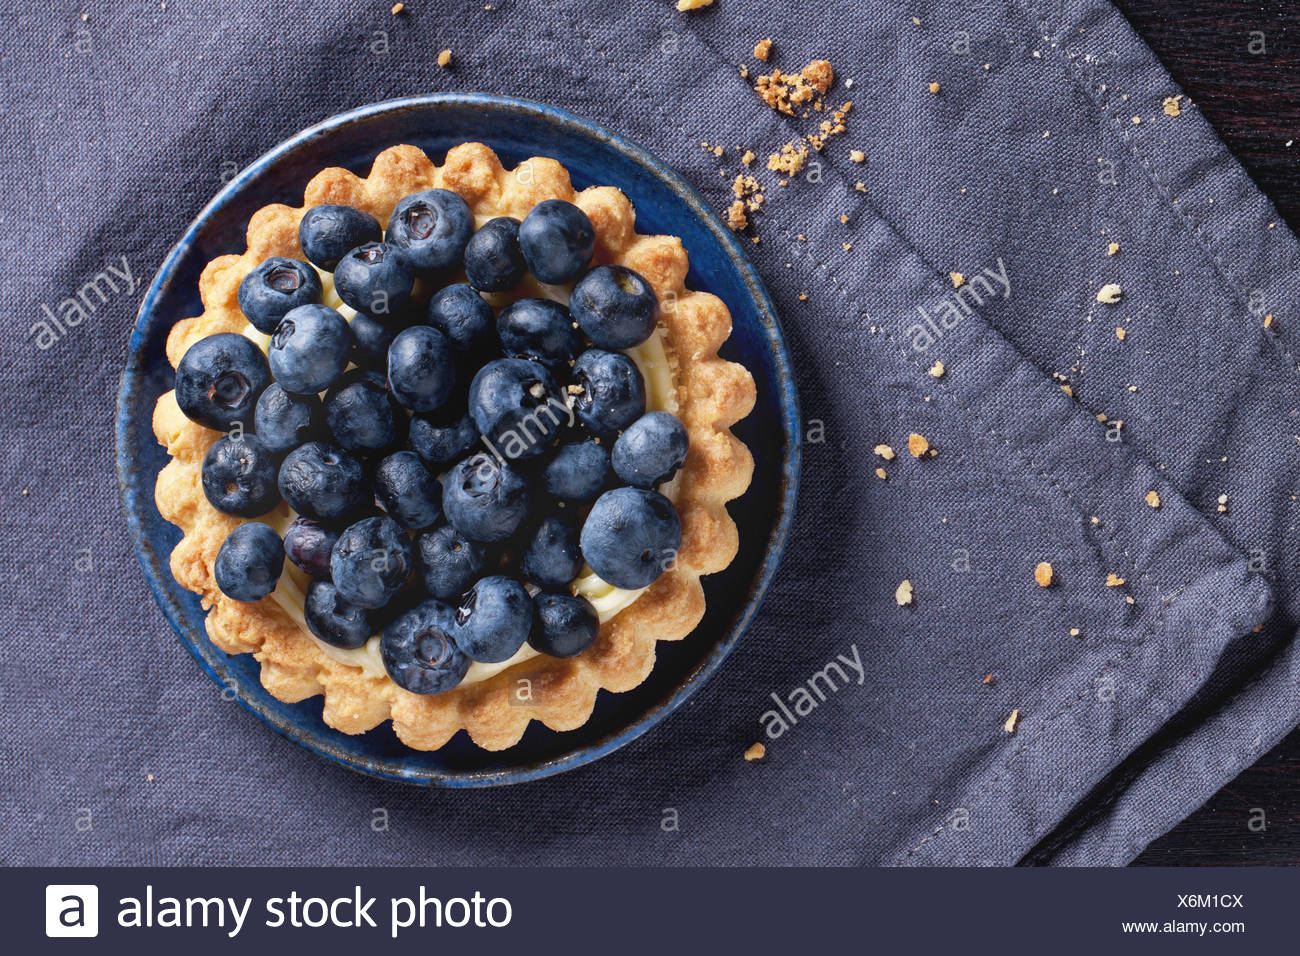 Draufsicht auf Heidelbeer-Tarte auf blaue Keramik-Platte über Textile Serviette serviert. Stockbild